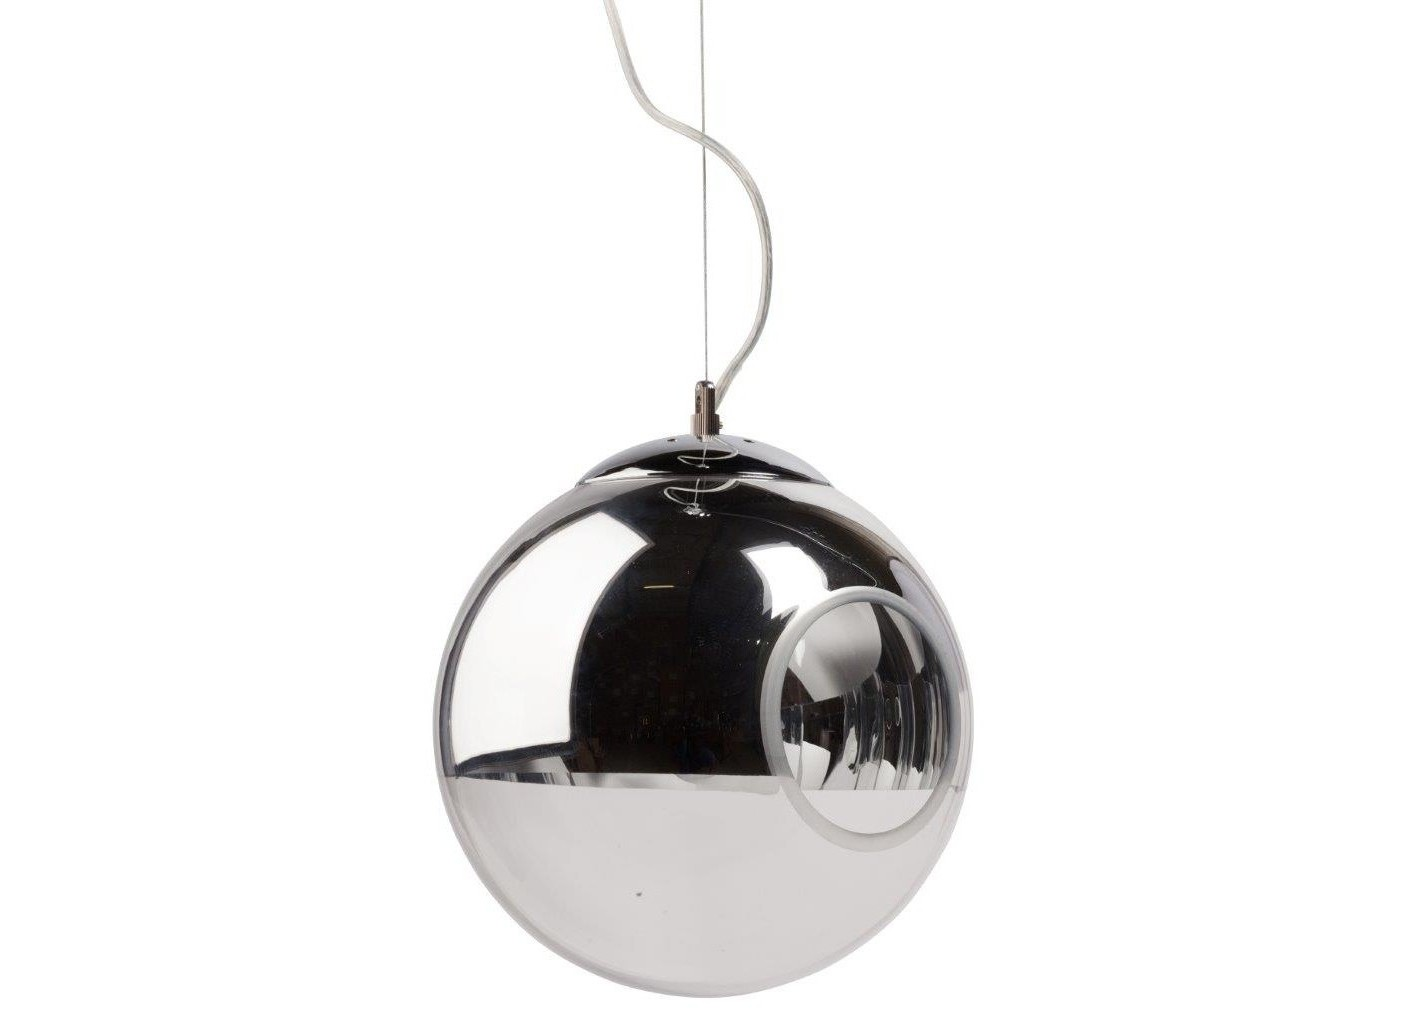 Подвесной светильник  GaspardПодвесные светильники<br>Удобный подвесной светильник Gaspard с металлическим основанием крепится на тонкой гибкой подвеске. Круглый стеклянный абажур в верхней части немного затонирован, это удобно и эстетично. Светильник выполнен в современном стиле, создаст уютную обстановку в доме и в любом учреждении. Предназначен для использования со светодиодными лампами. Длина провода 70 см.&amp;lt;div&amp;gt;&amp;lt;br&amp;gt;&amp;lt;/div&amp;gt;&amp;lt;div&amp;gt;&amp;lt;div&amp;gt;Вид цоколя:E27&amp;lt;/div&amp;gt;&amp;lt;div&amp;gt;Мощность лампы:40W&amp;lt;/div&amp;gt;&amp;lt;div&amp;gt;Количество ламп:1&amp;lt;/div&amp;gt;&amp;lt;/div&amp;gt;<br><br>Material: Стекло<br>Height см: 26<br>Diameter см: 24